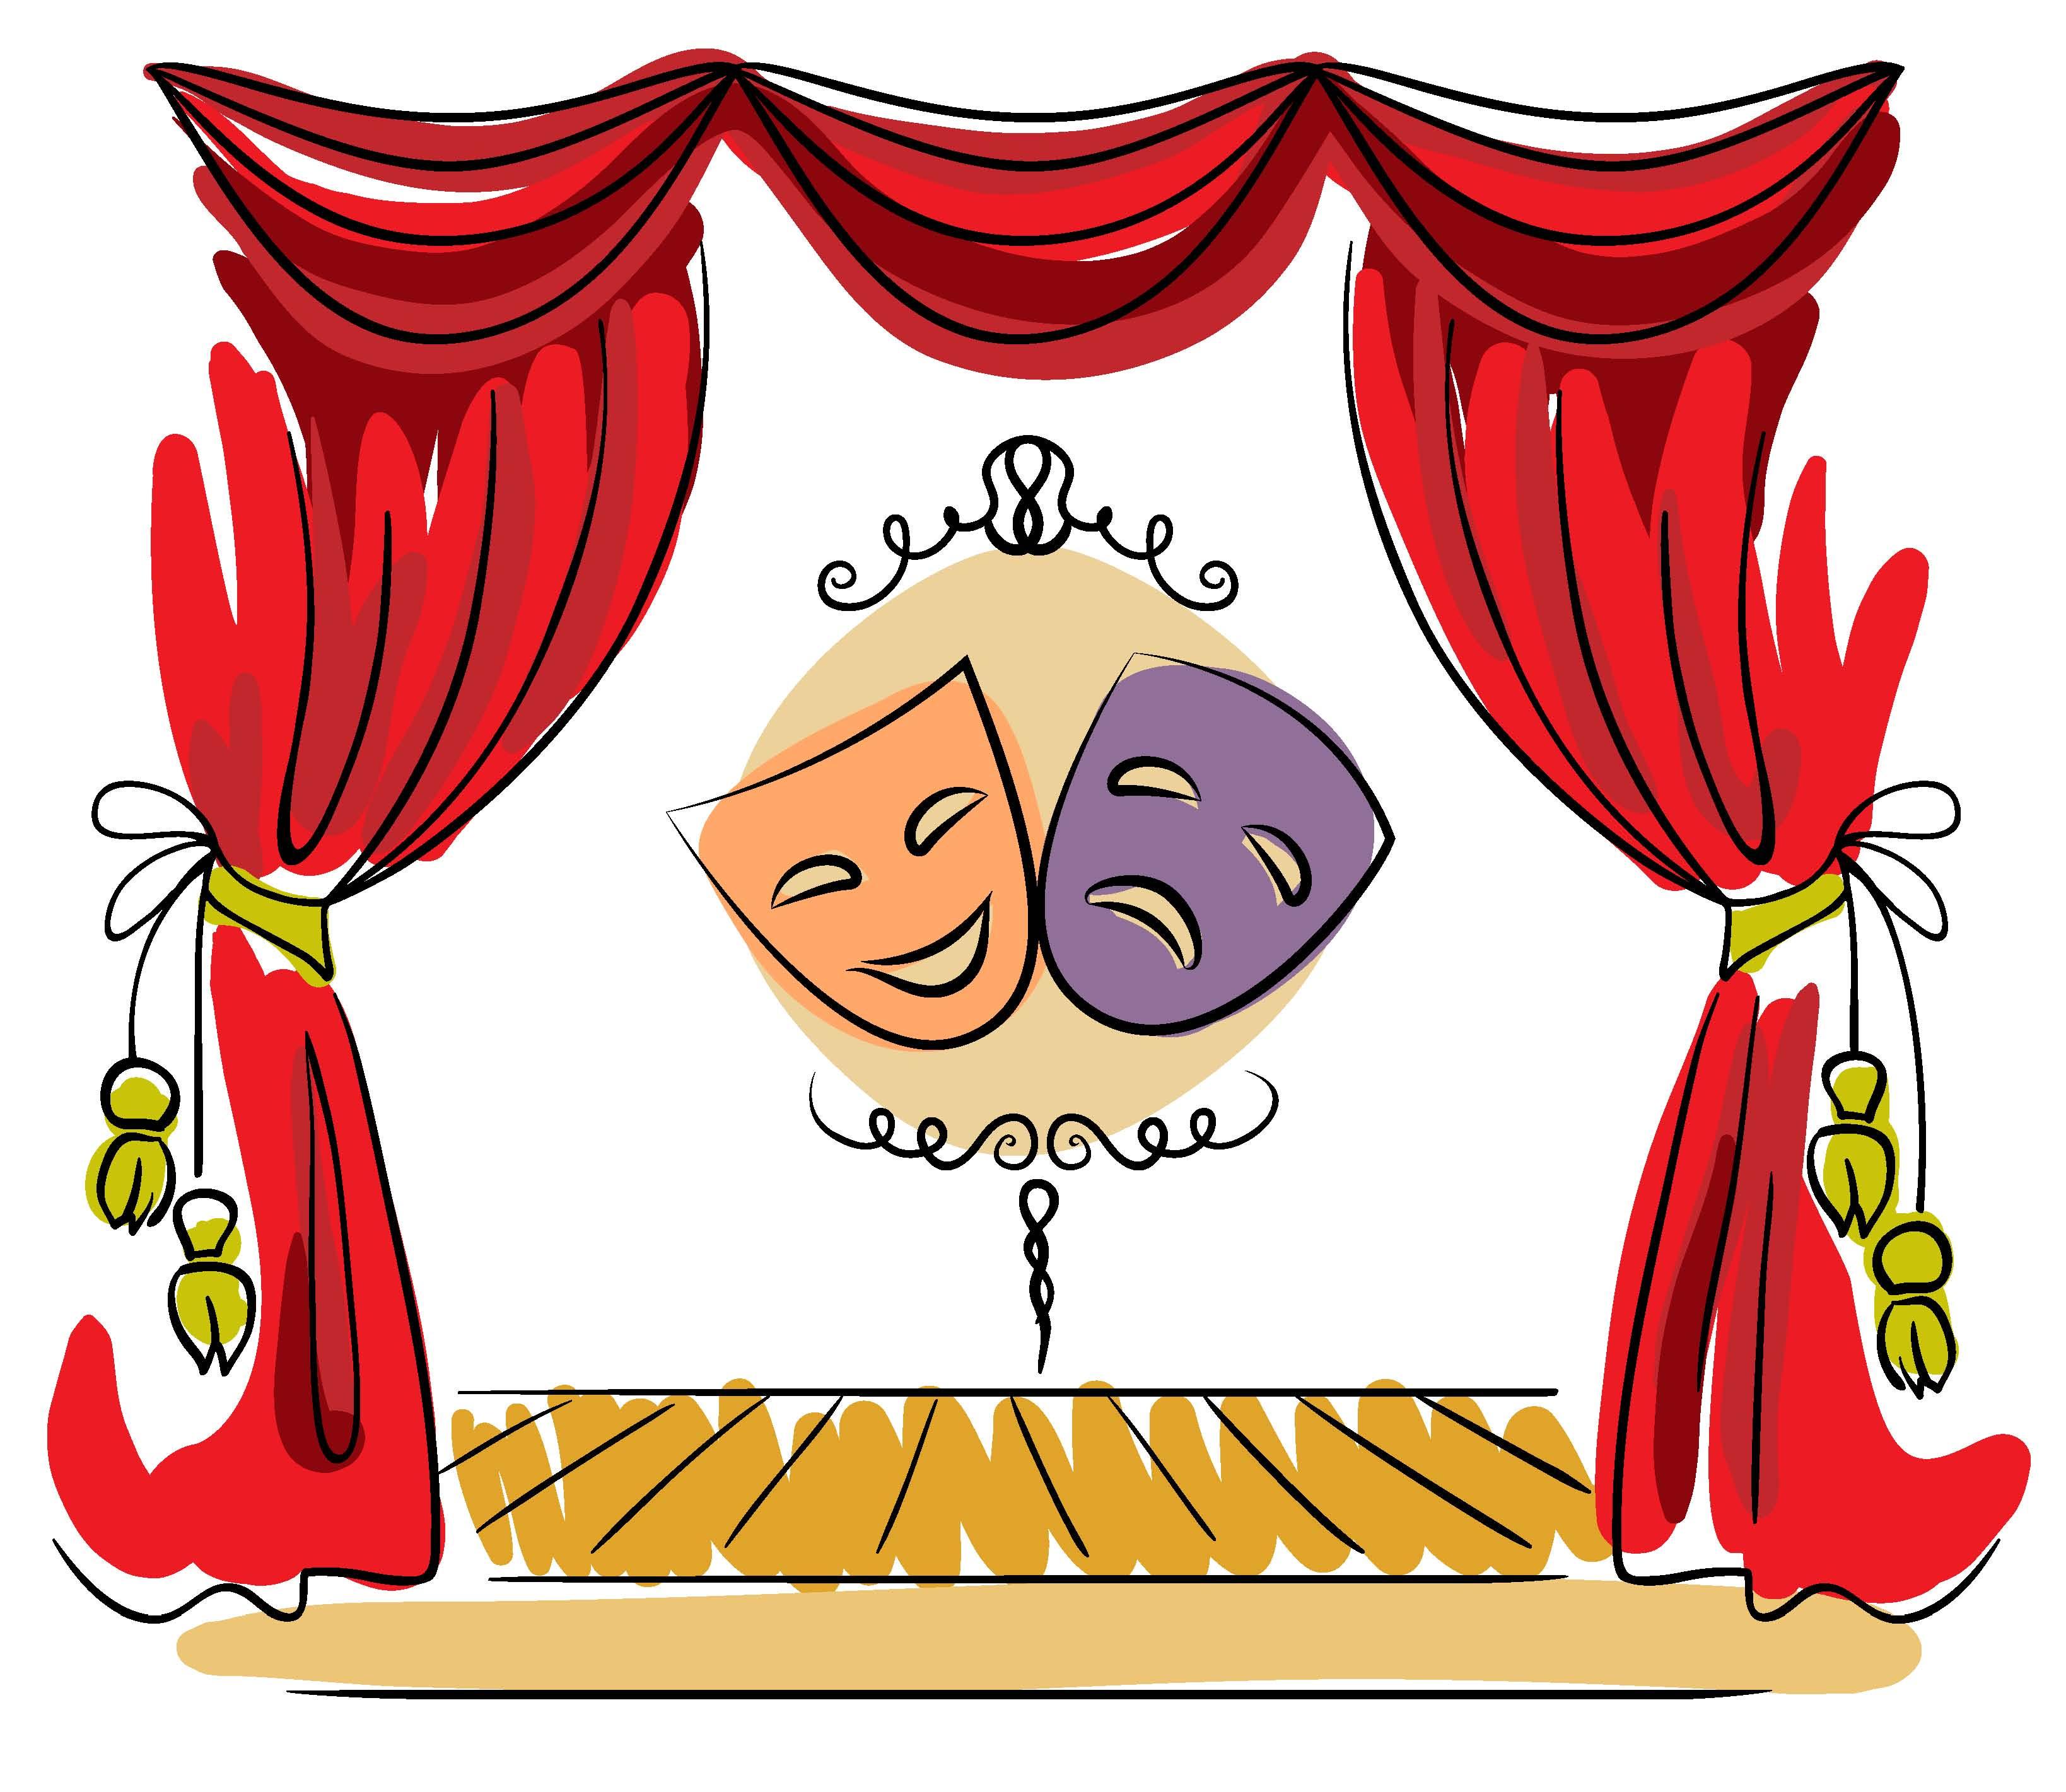 Театр картинки для детей на прозрачном фоне, первым годиком малышке